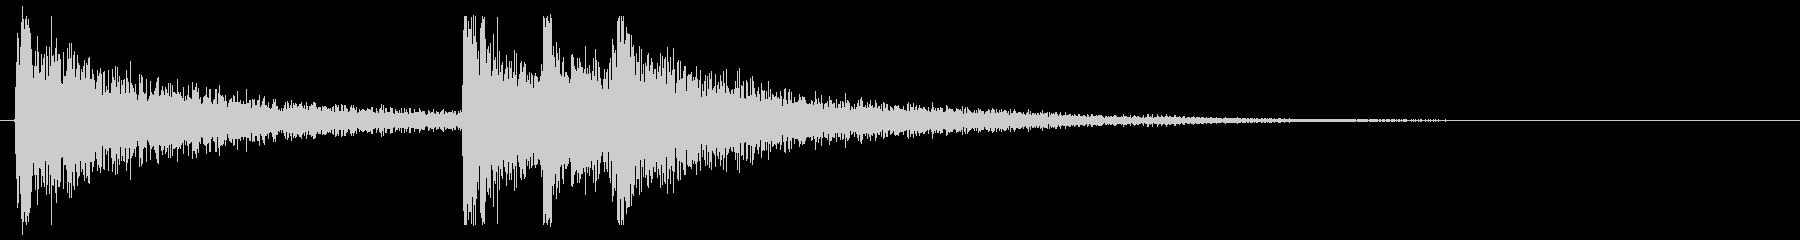 シンプルな和楽器のジングル。の未再生の波形